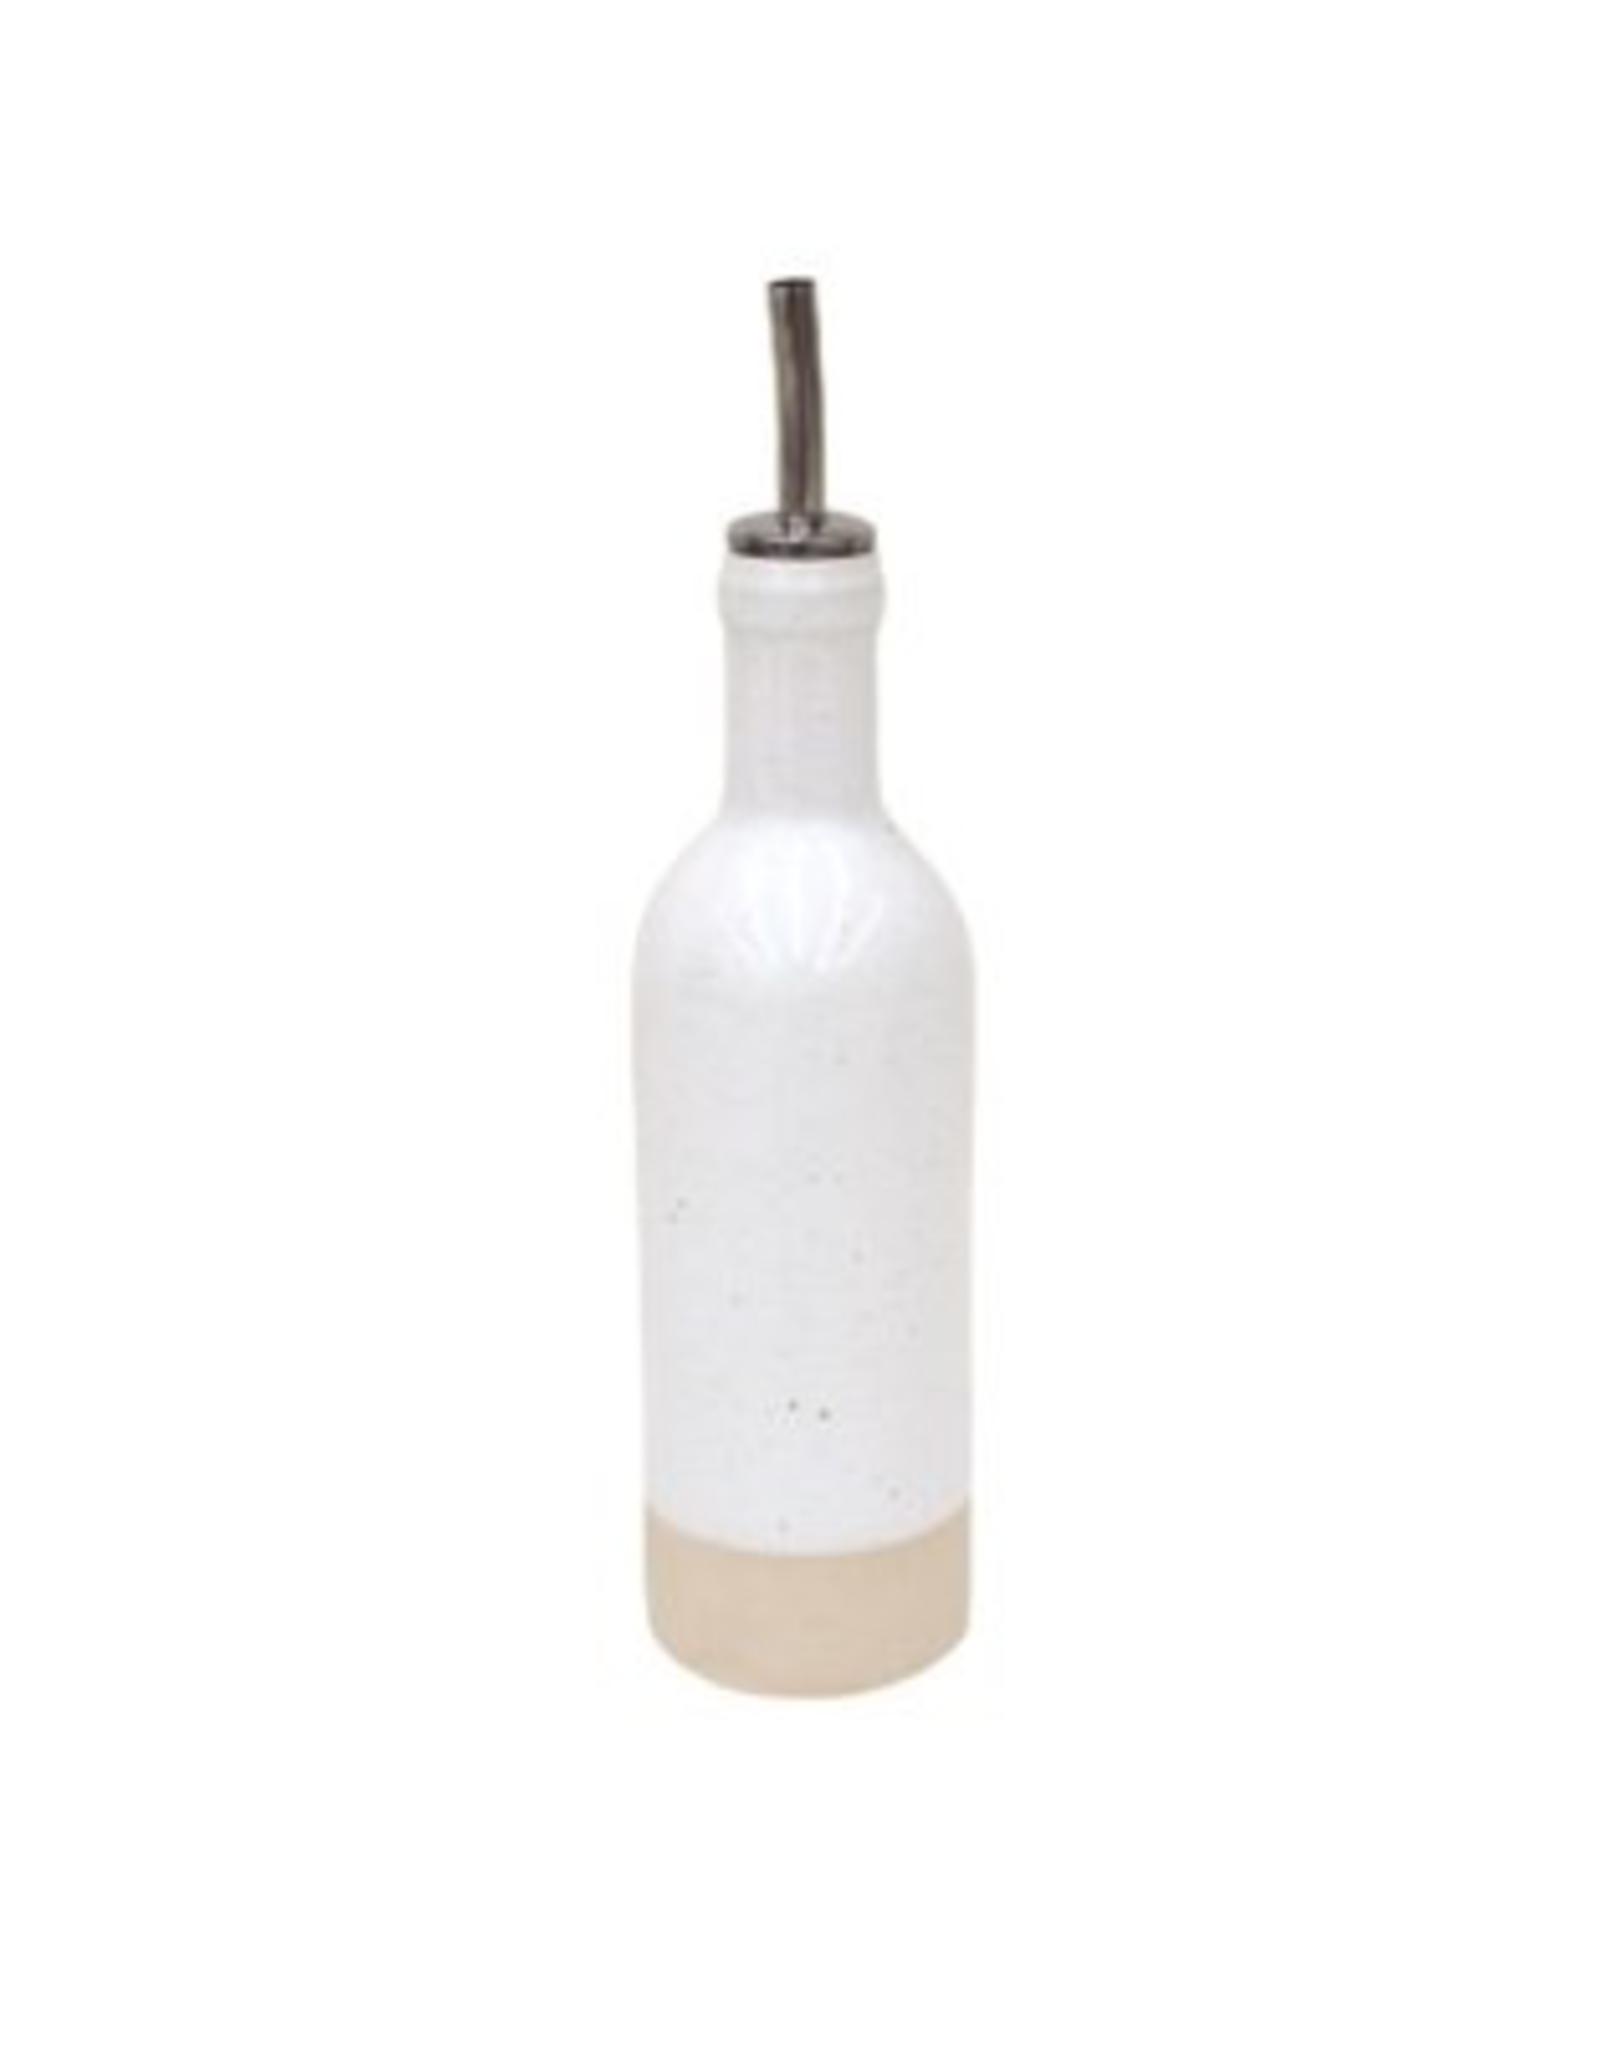 Cruet, Olive Oil Dispenser, Fattoria White, 350ml